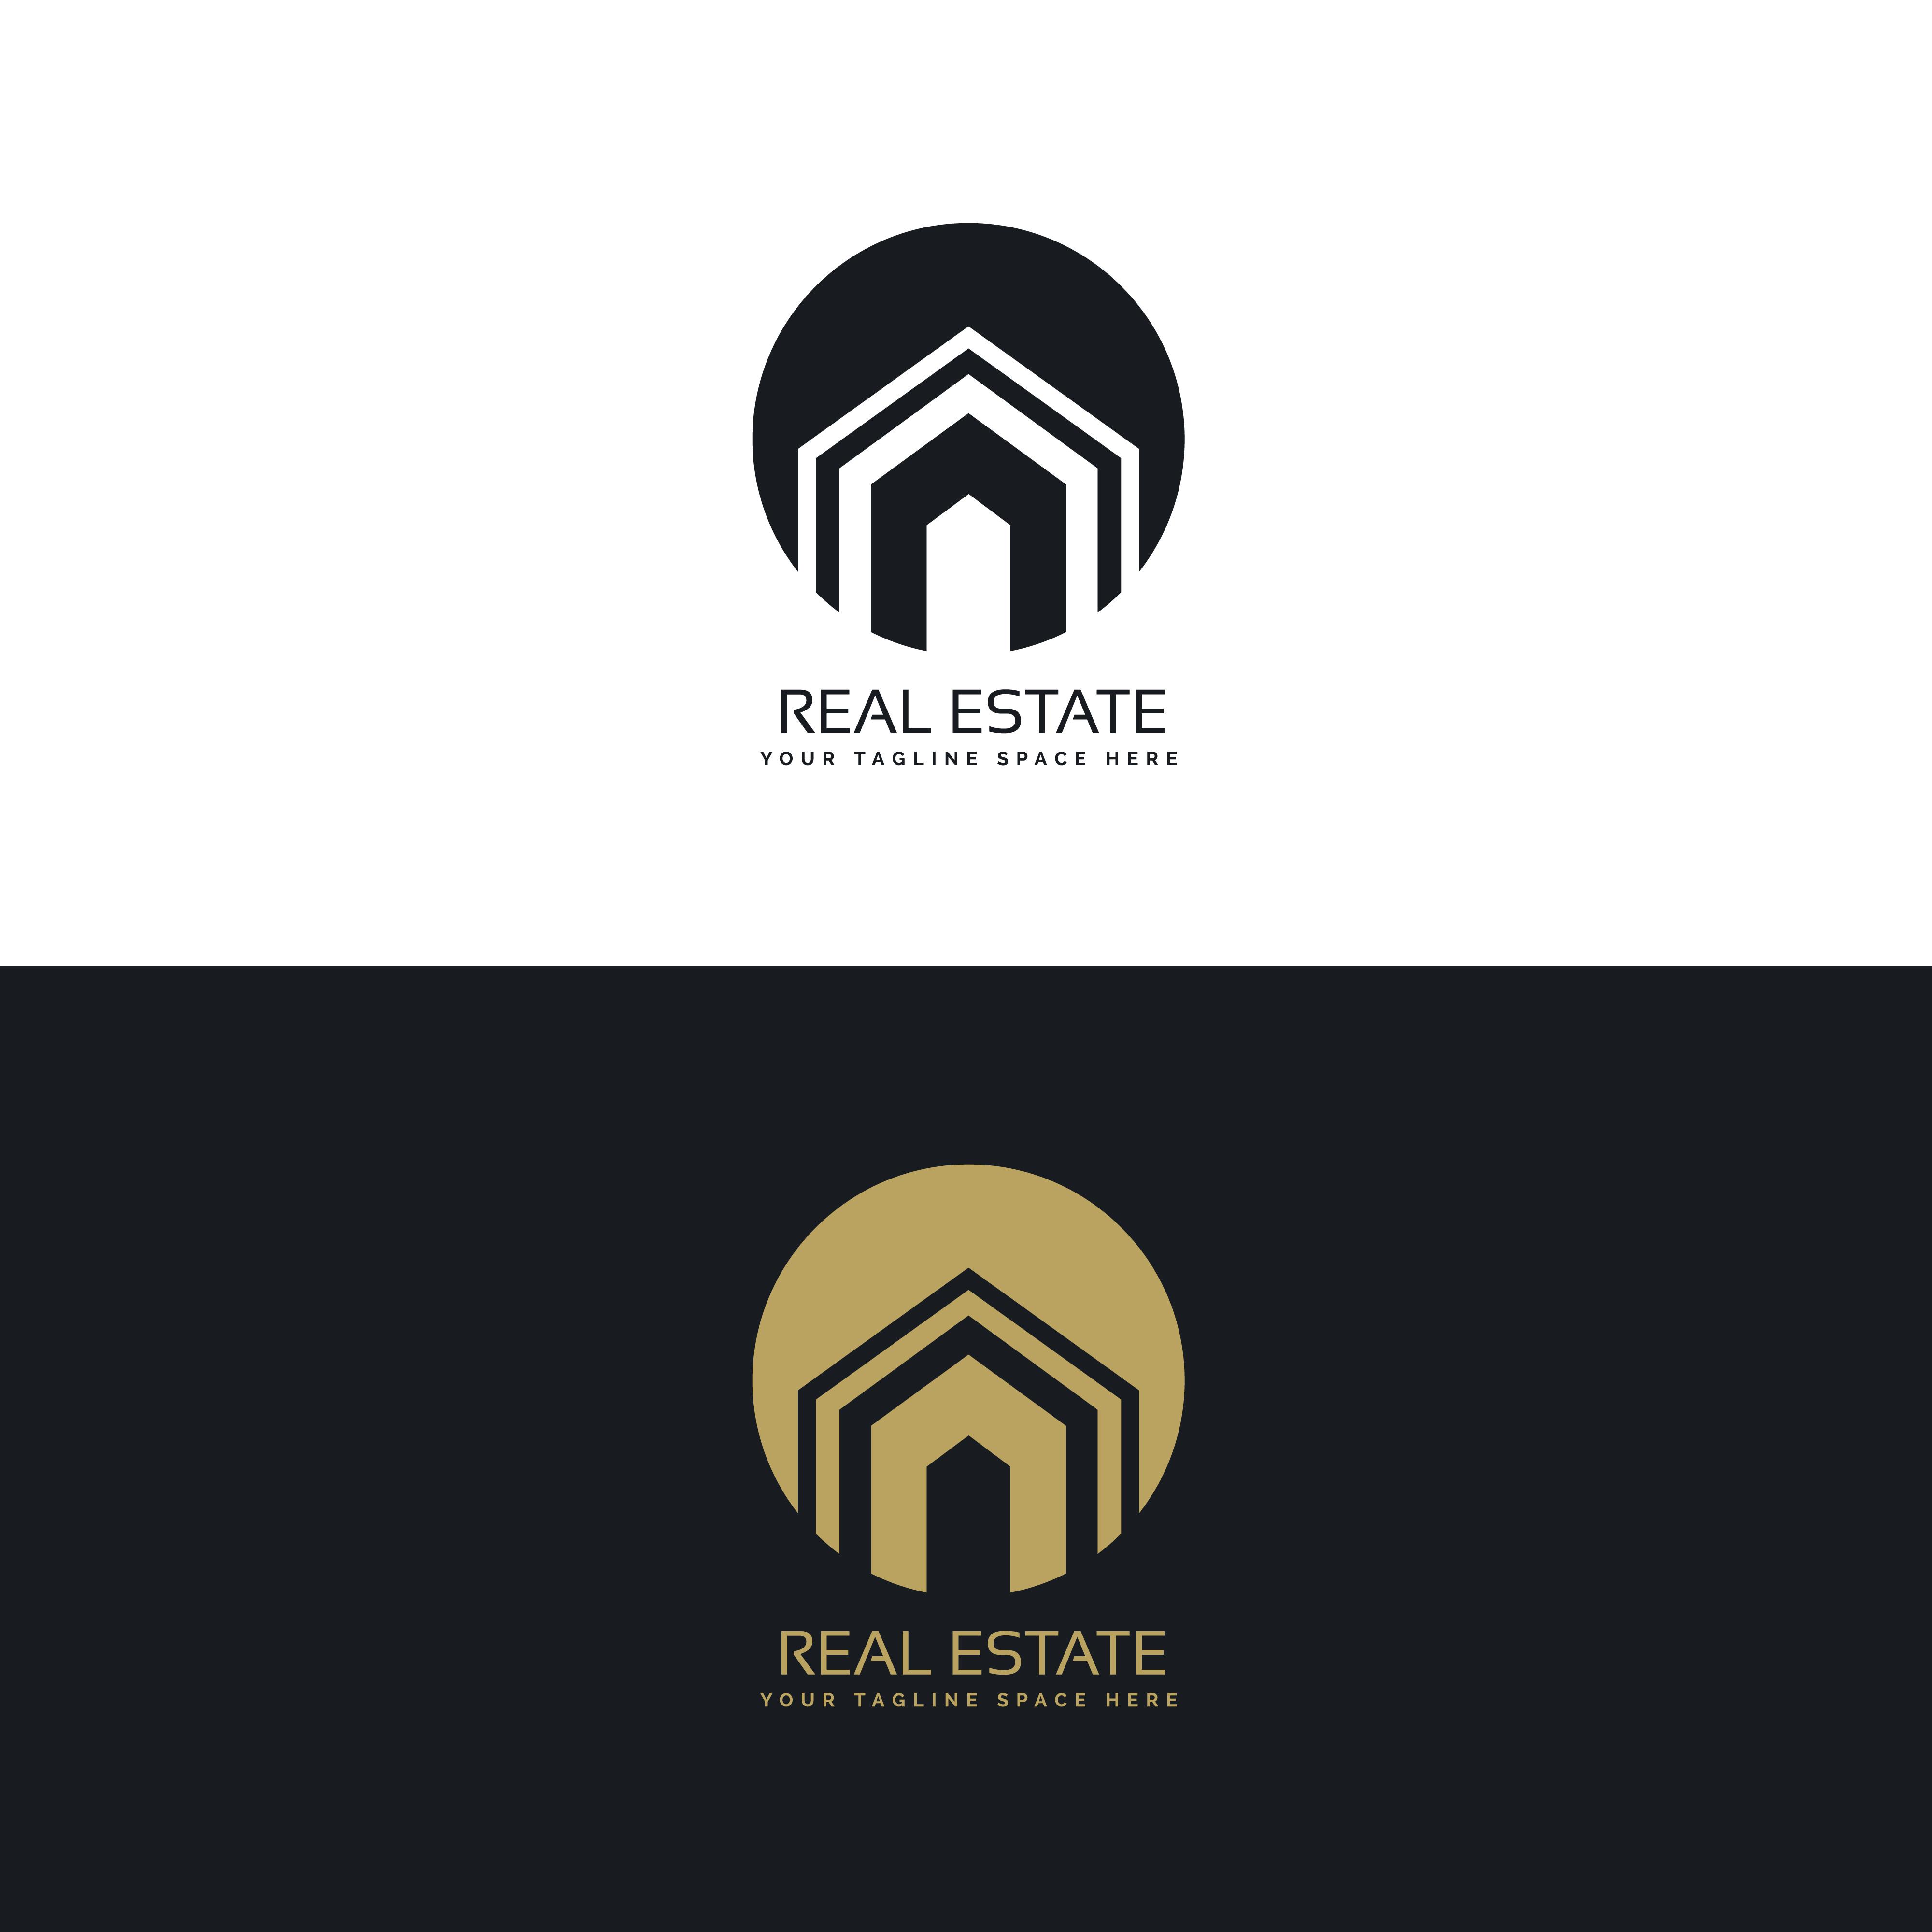 modern real estate or house logo design concept download